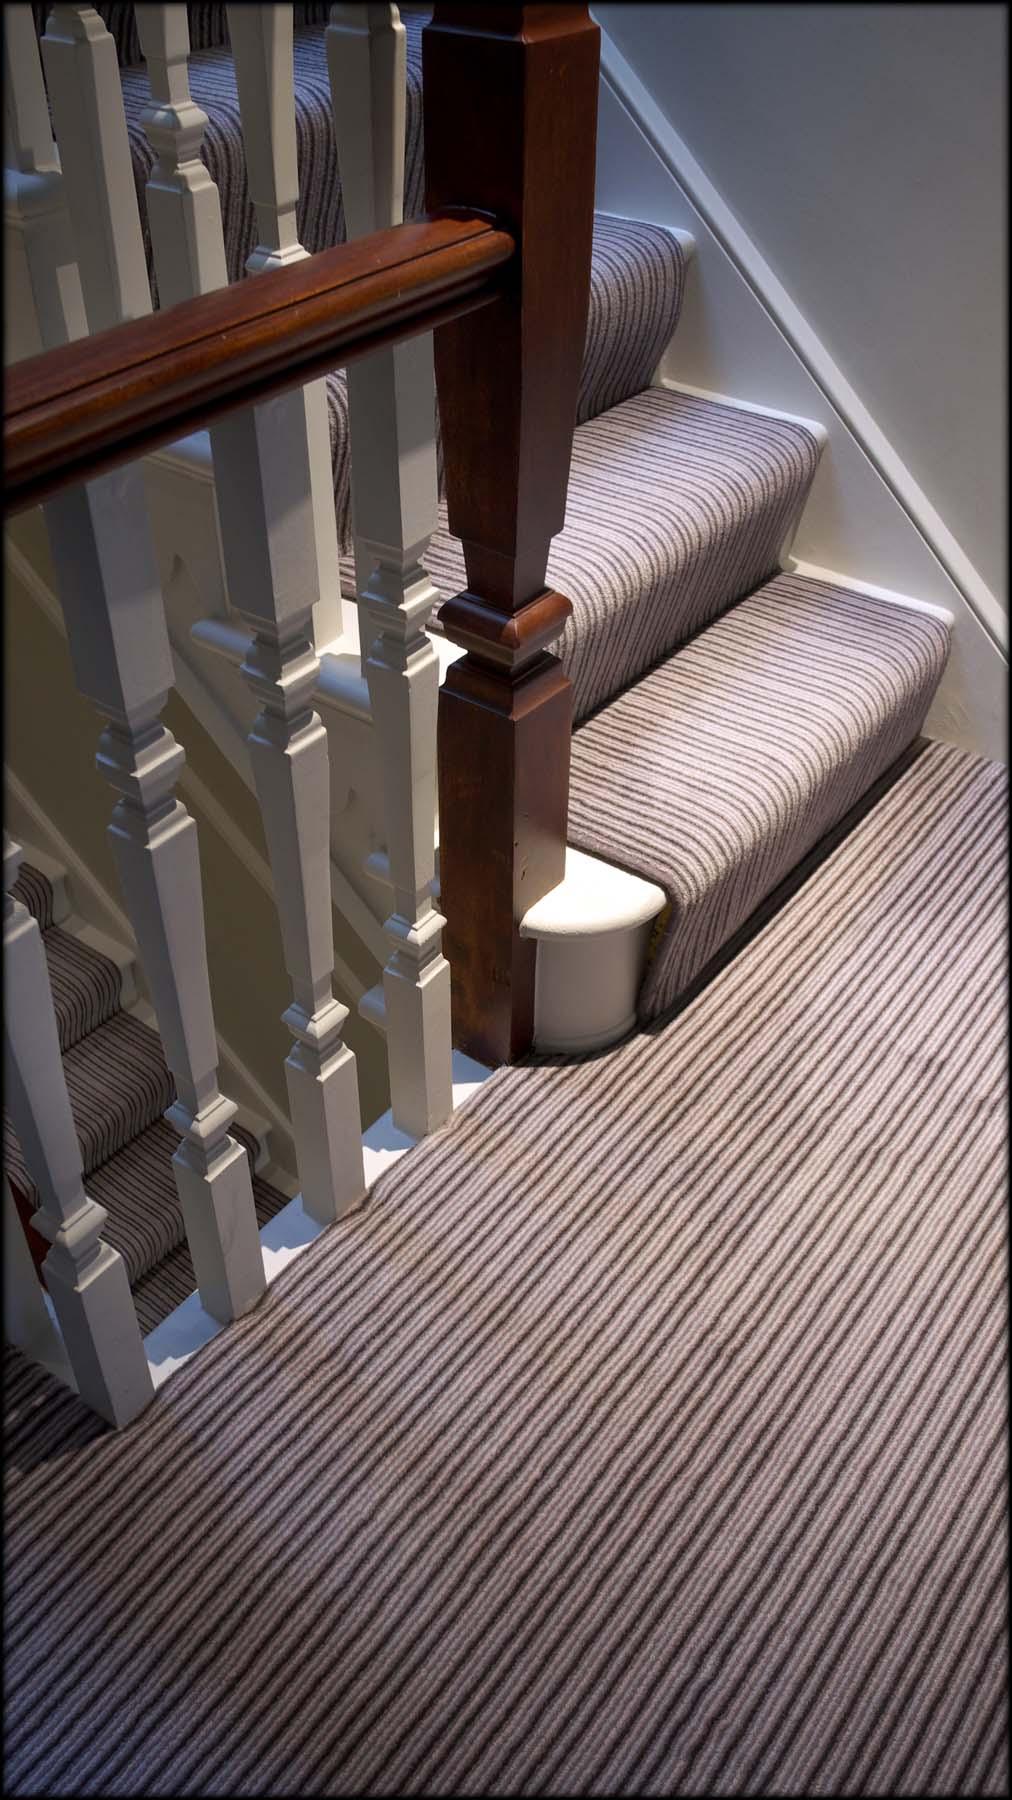 14.stairs.jpg